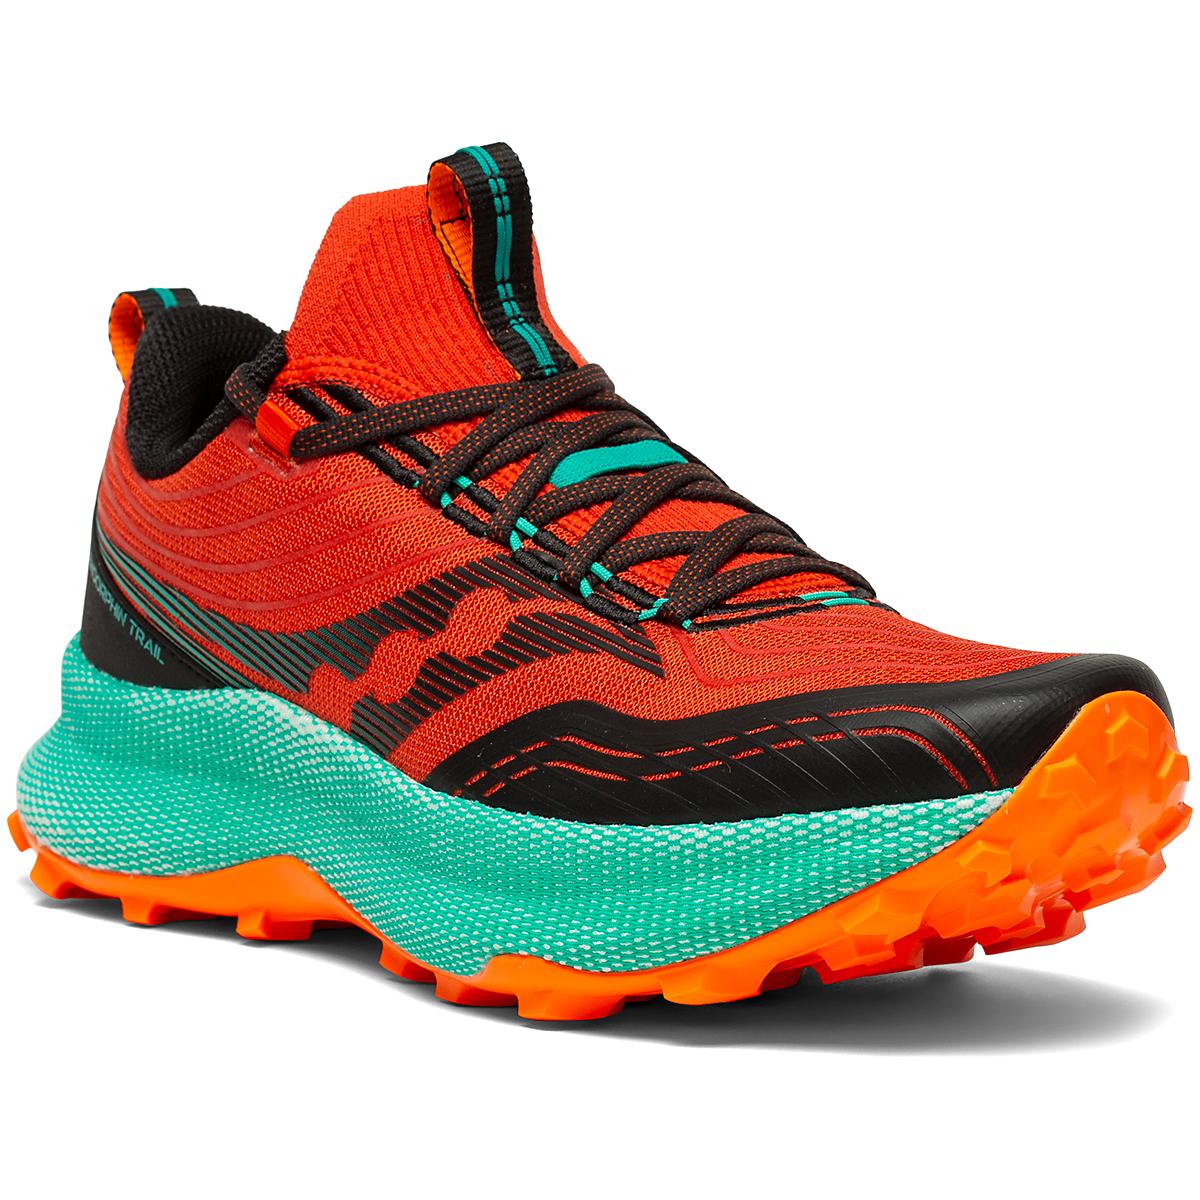 Men's Saucony Endorphin Trail Running Shoe - Color: Scarlet/Black - Size: 7 - Width: Regular, Scarlet/Black, large, image 5